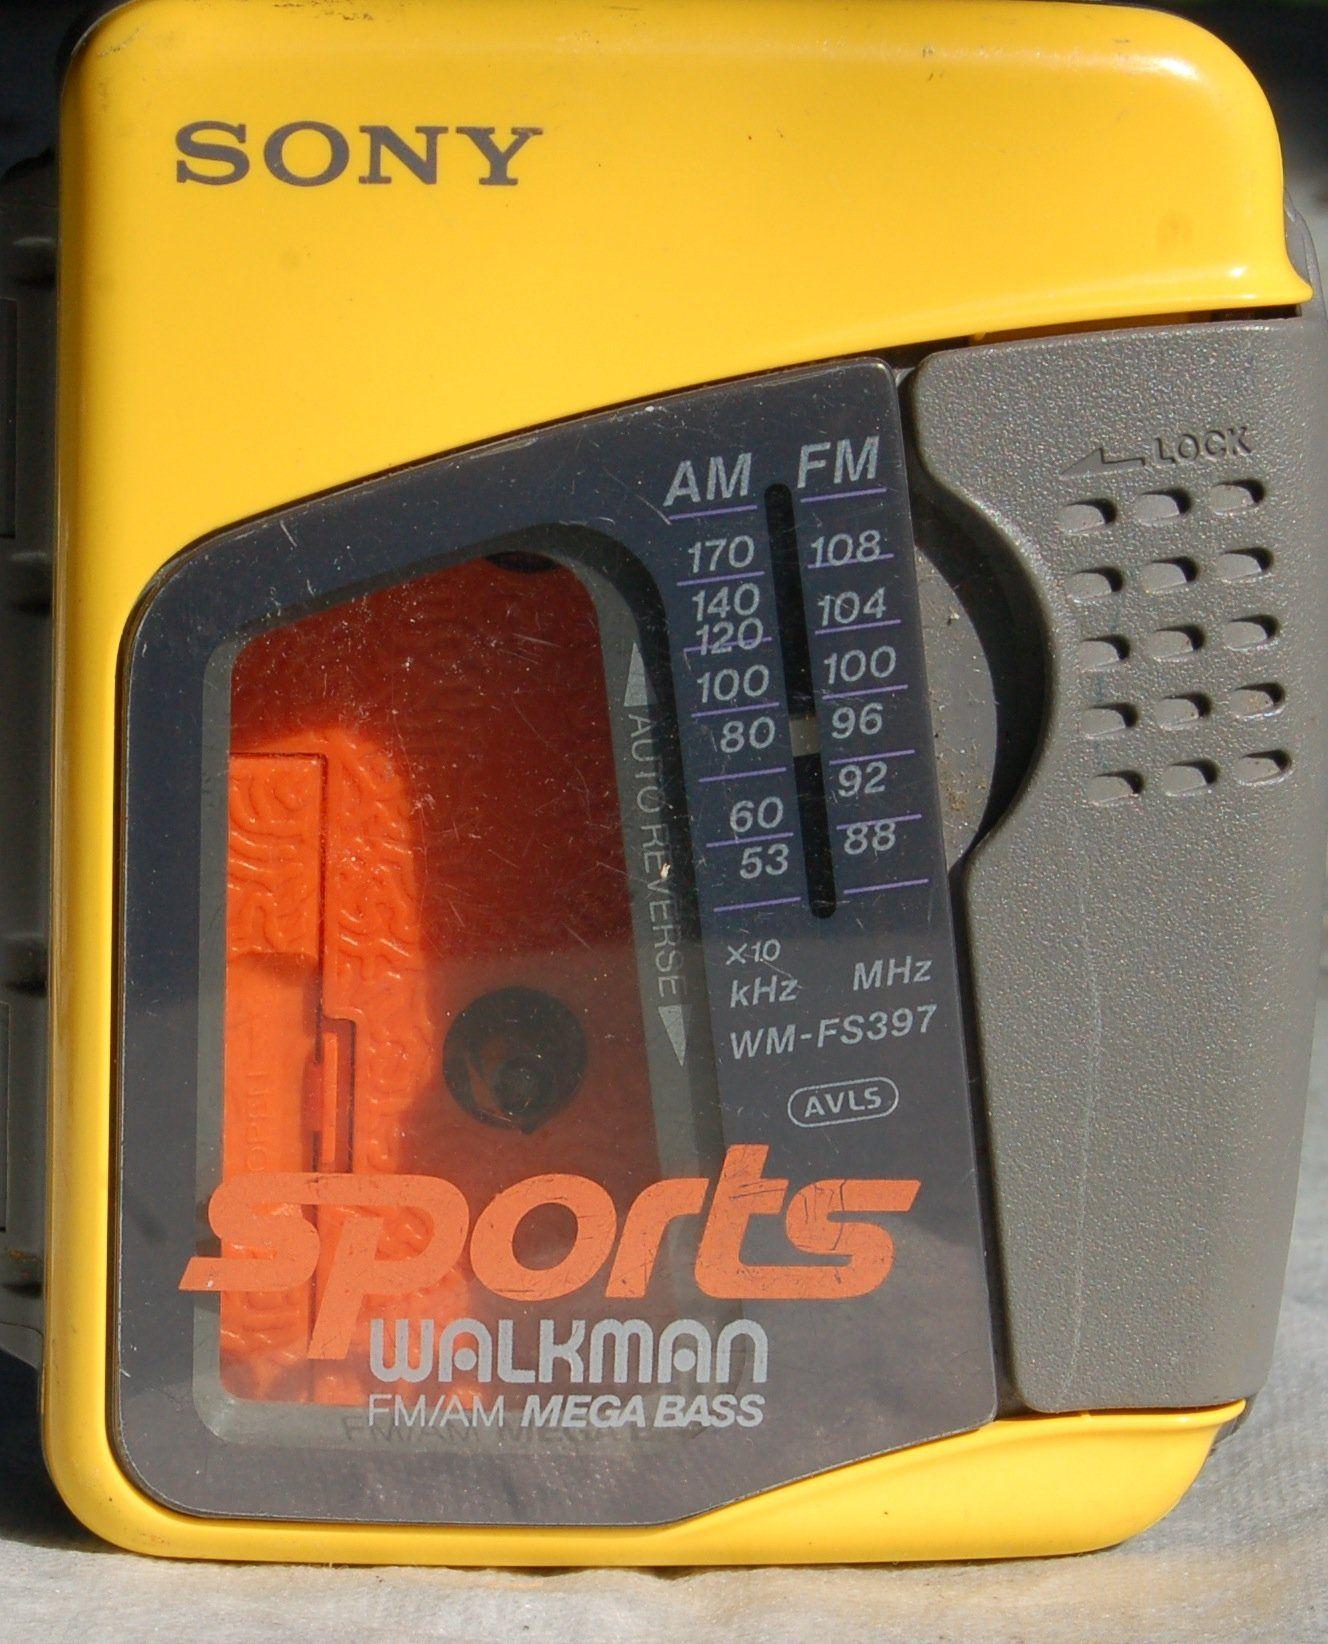 SONY Sports WALKMAN AM/FM Cassette WMFS397